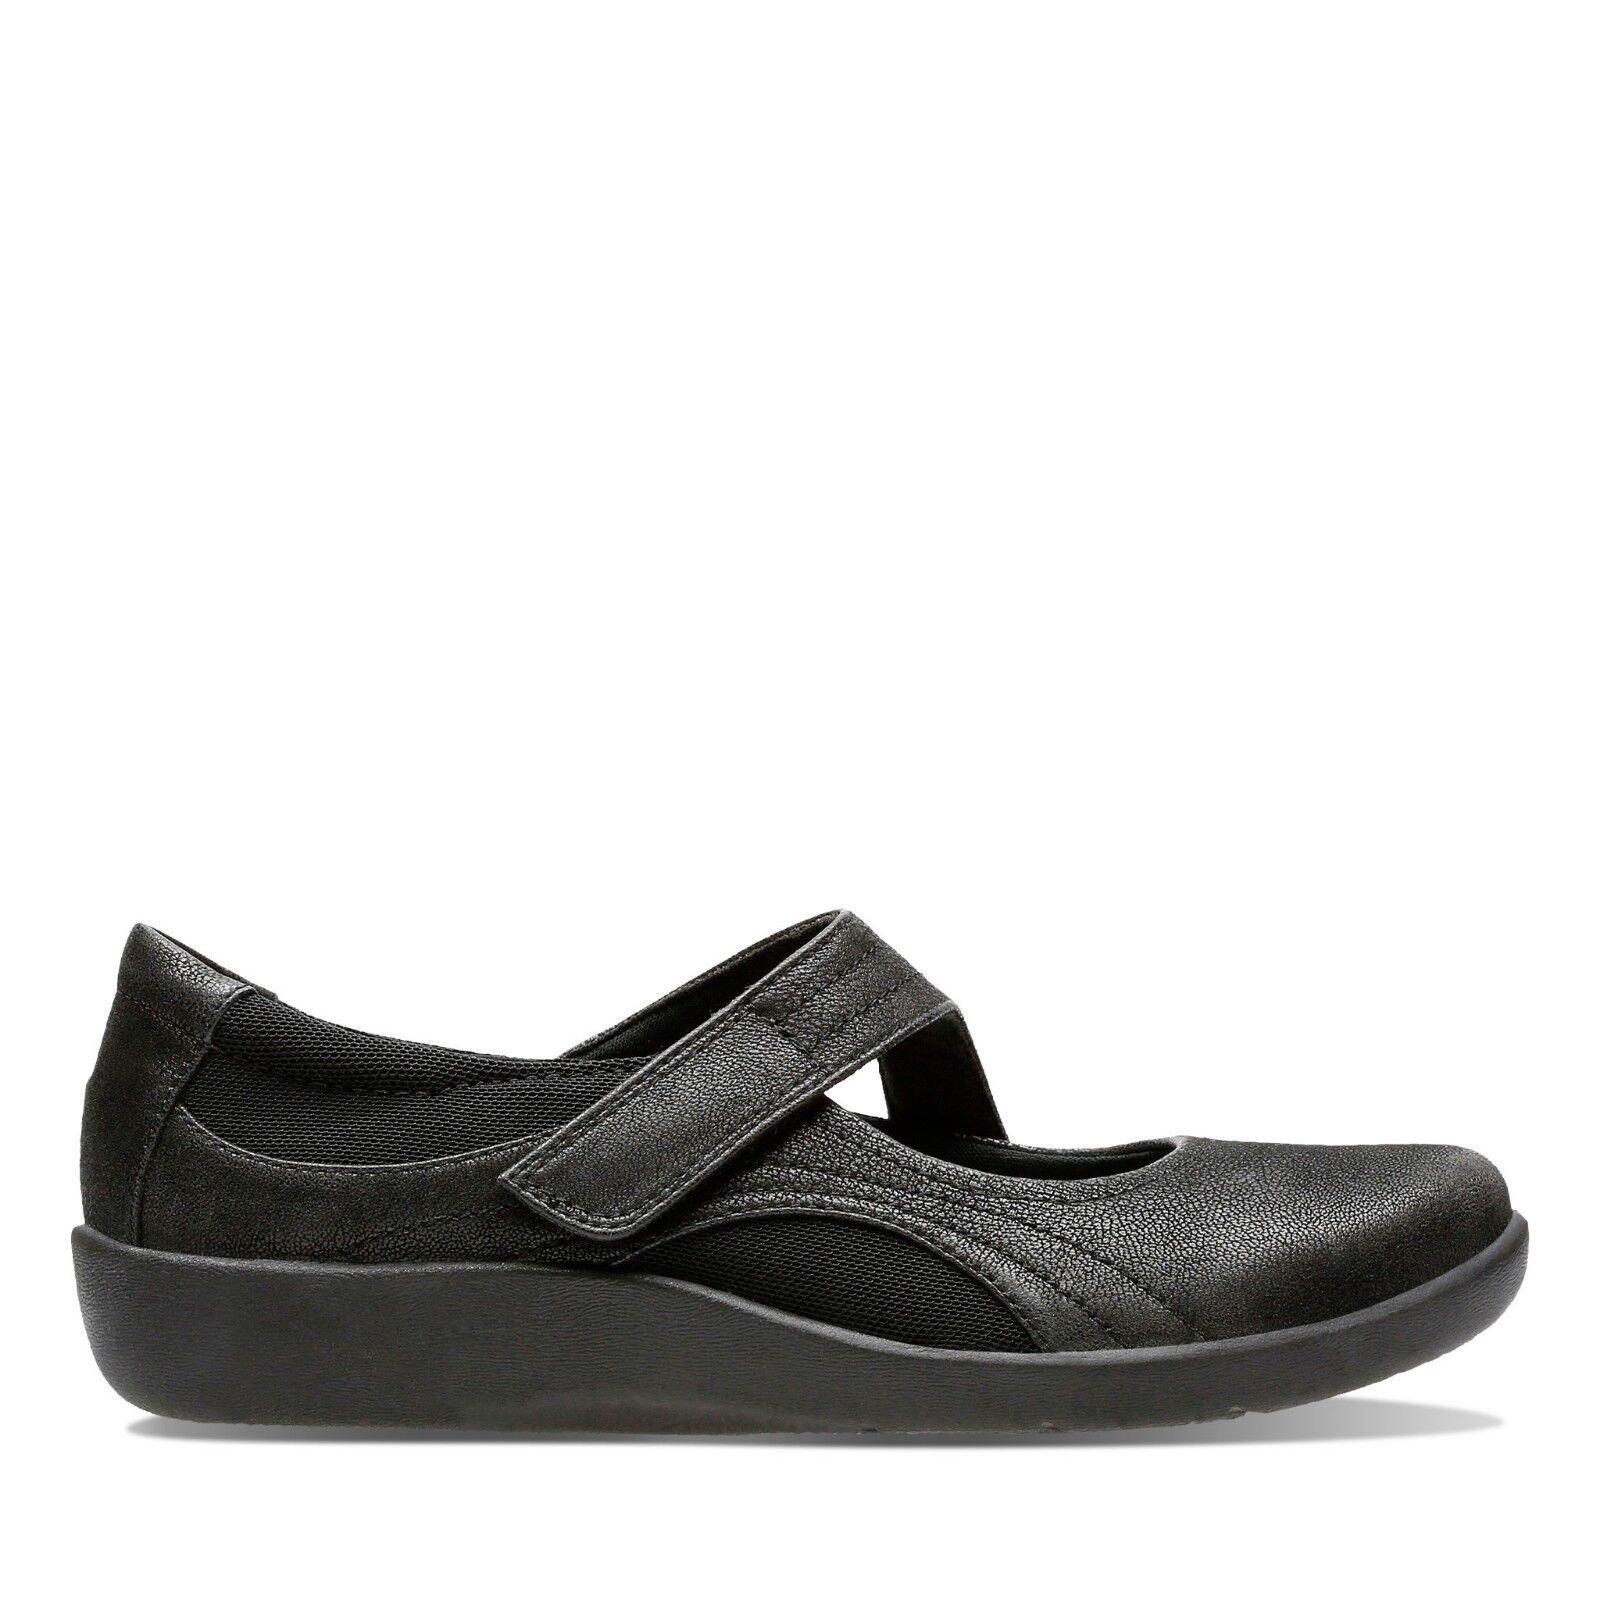 Clarks schwarz Damenss shoe Sillian Bella schwarz Clarks E width fitting 5c2503